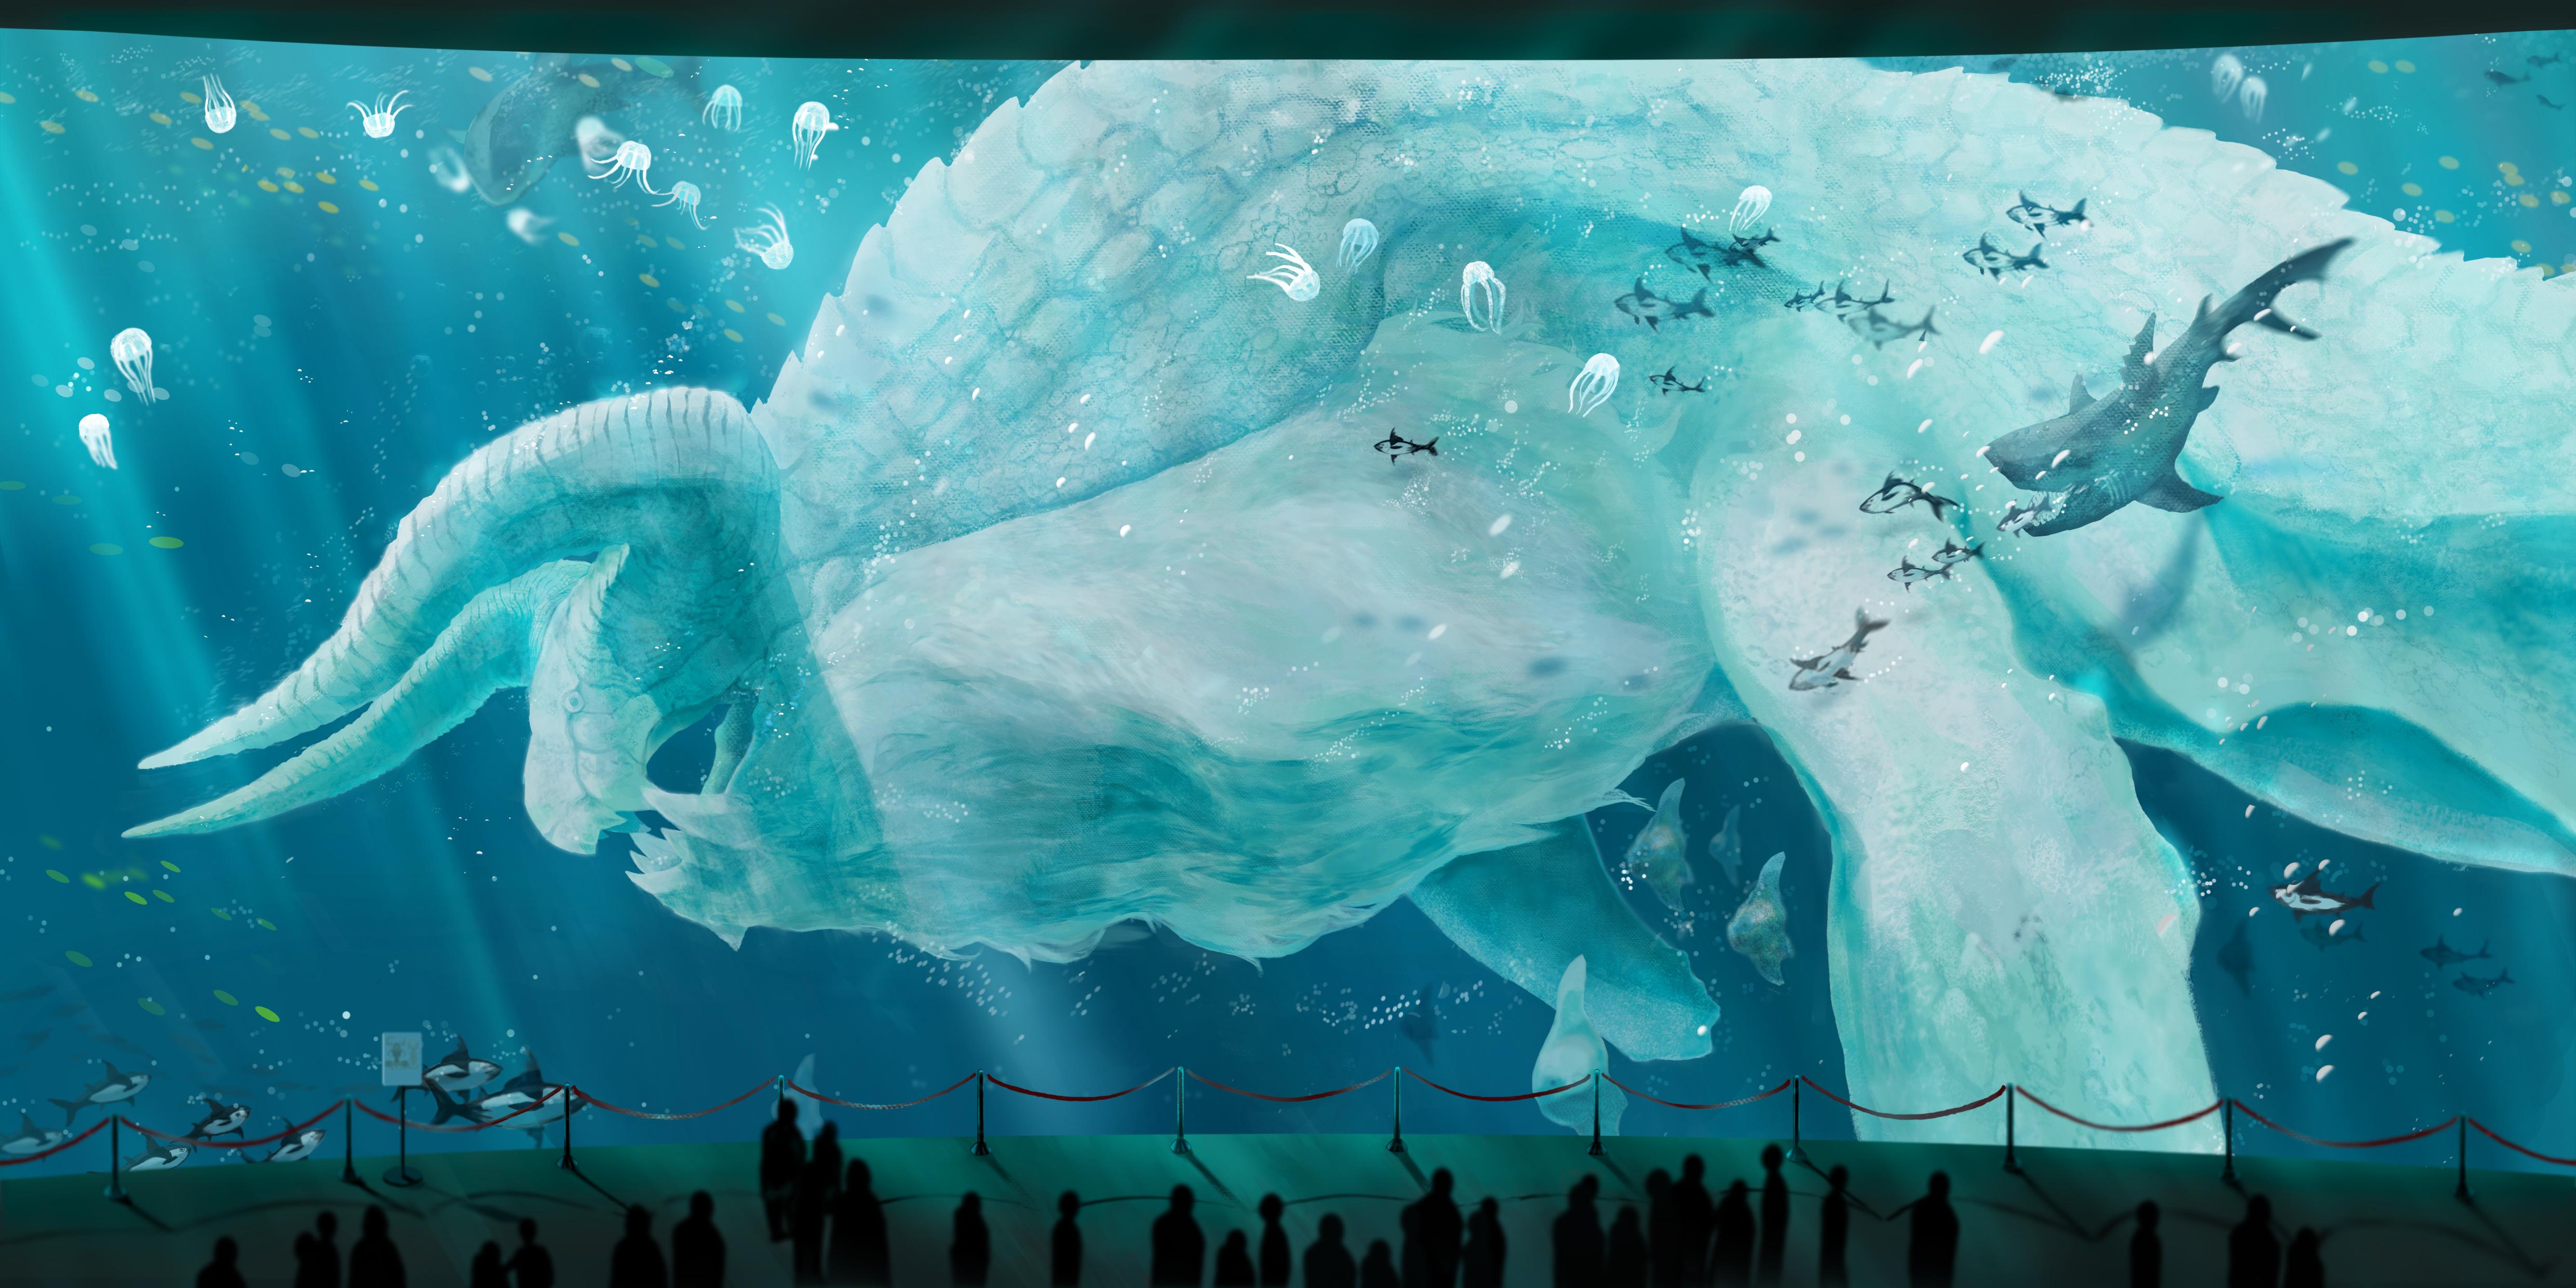 Ceadeus aquarium